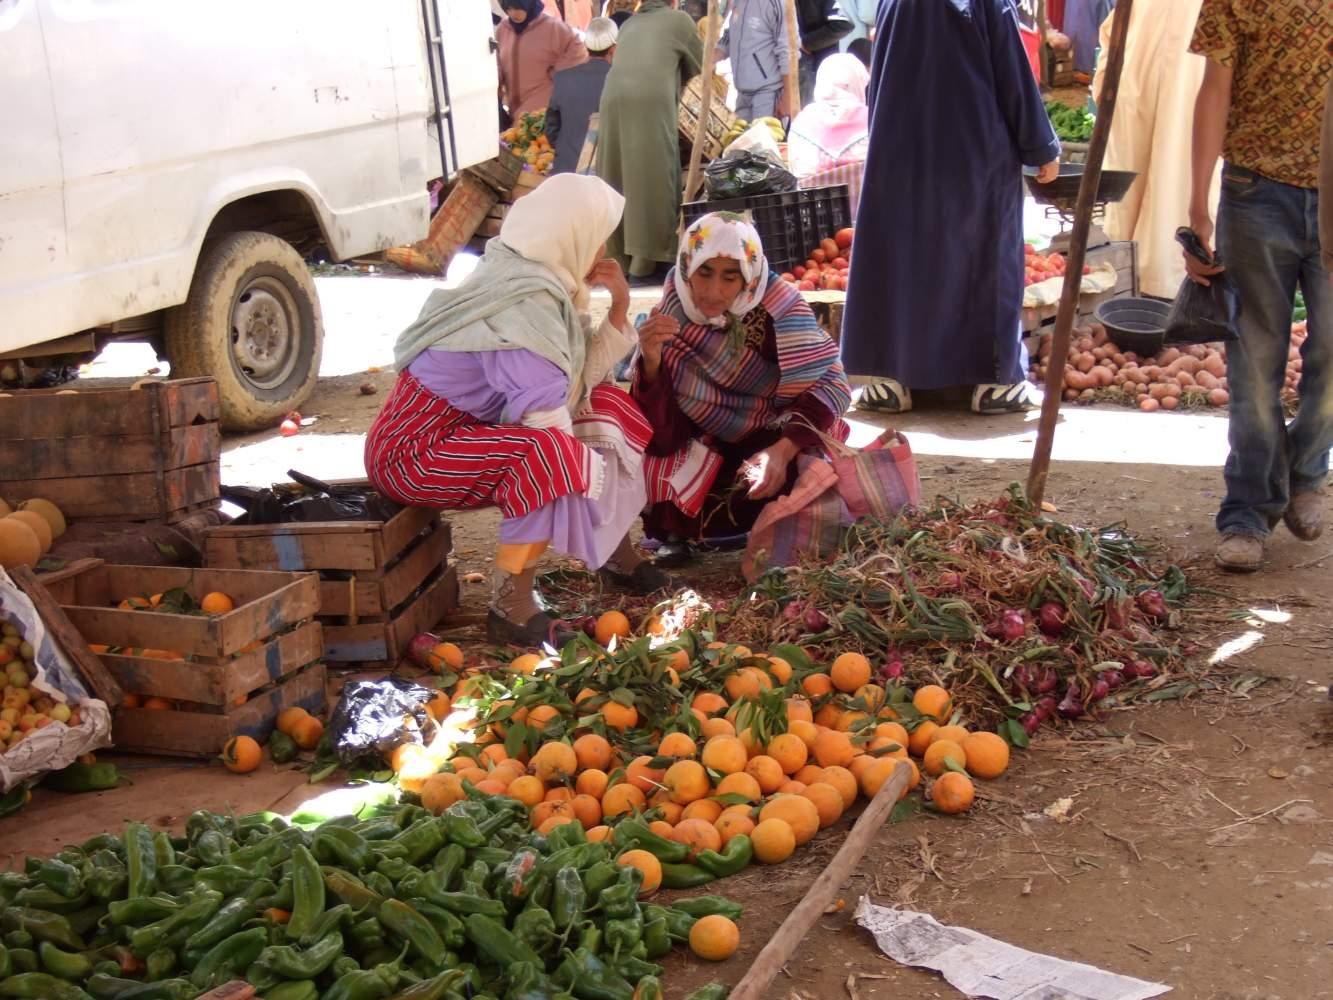 Abenteuer, Menschen und Offroad in Marokko mit Overcross